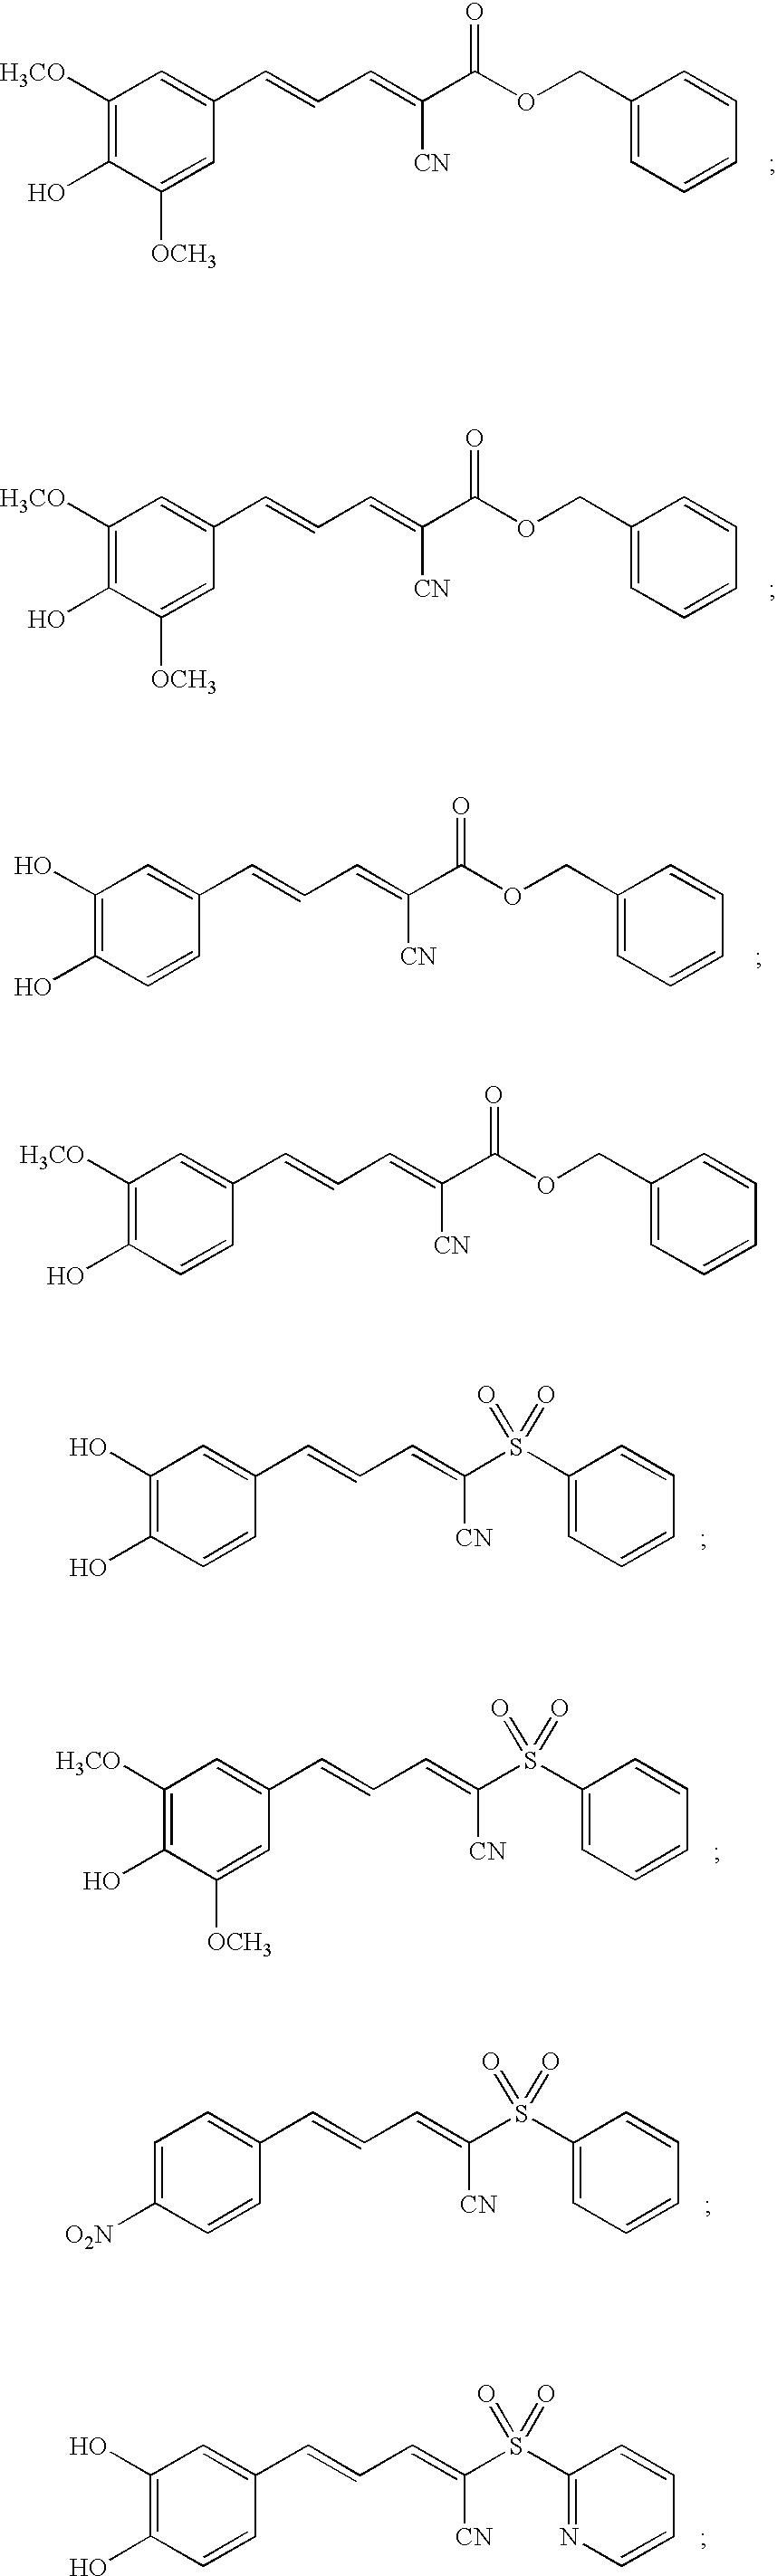 Figure US20050033090A1-20050210-C00011